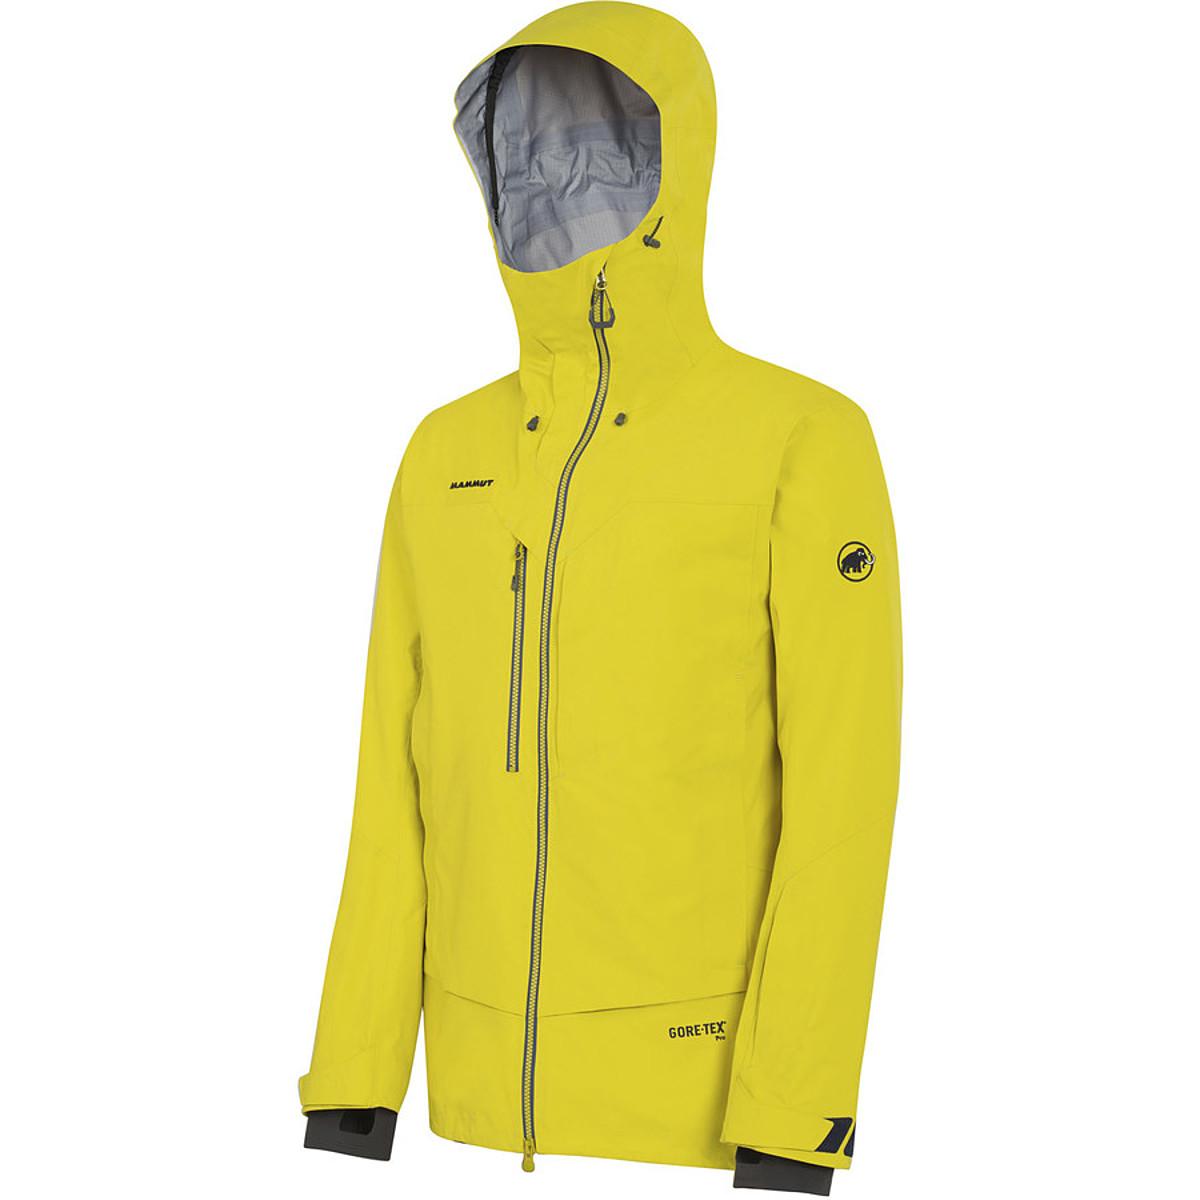 Mammut Alyeska GTX Pro 3L Jacket